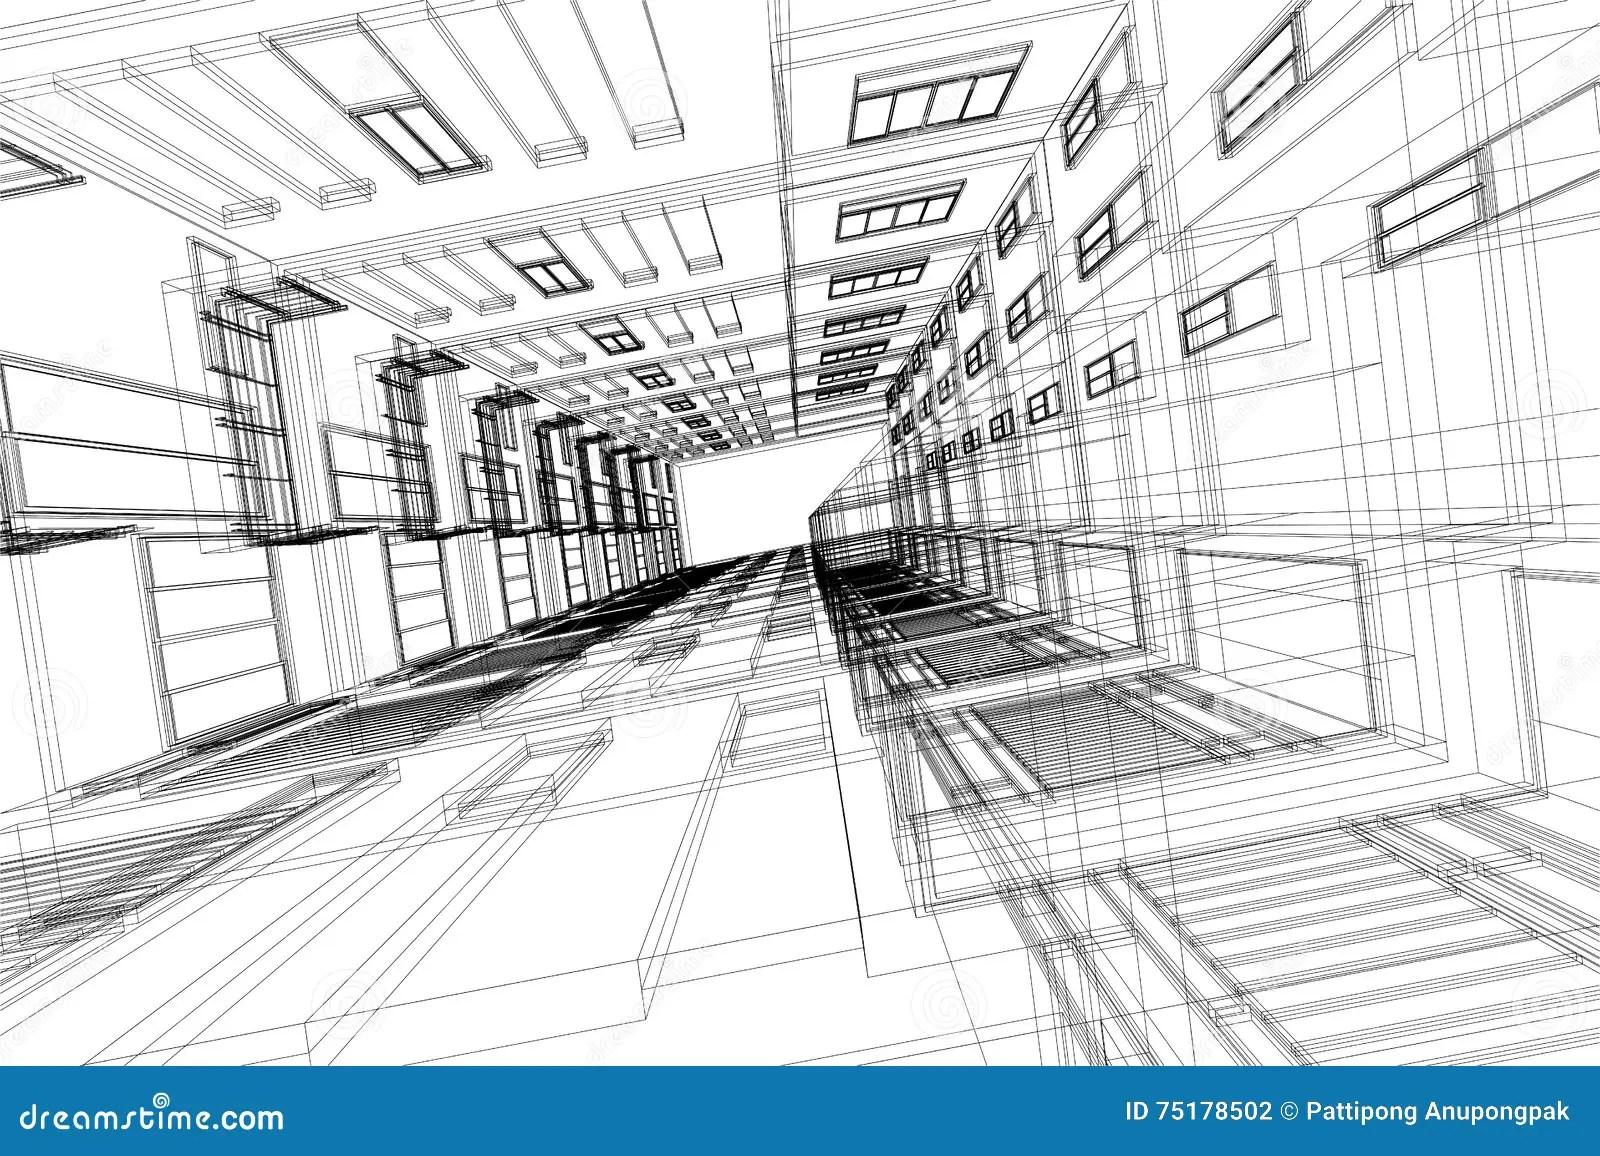 Alto Estratto Di Architettura Della Struttura Edile 3d